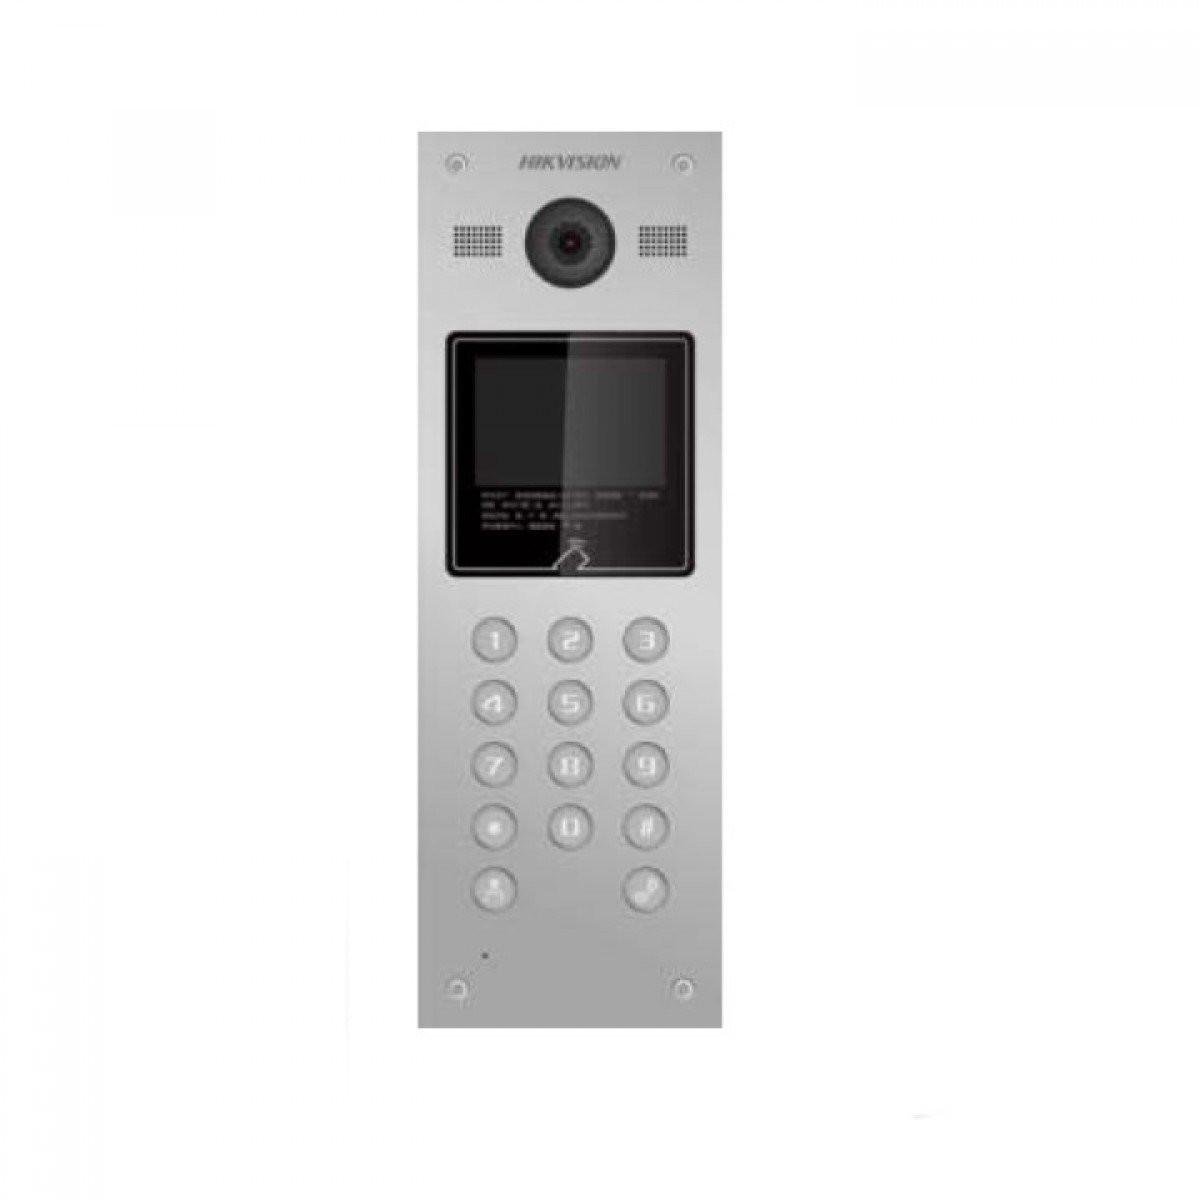 IP VIDEO INTERCOM DOOR STATION CAMERA HIKVISION DS-KD6002-VM 1.3 MEGAPIXEL NIGHT VISION ALARM RFID MIFARE  sc 1 st  CCTV security cameras & IP VIDEO INTERCOM DOOR STATION CAMERA HIKVISION DS-KD6002-VM 1.3 ...